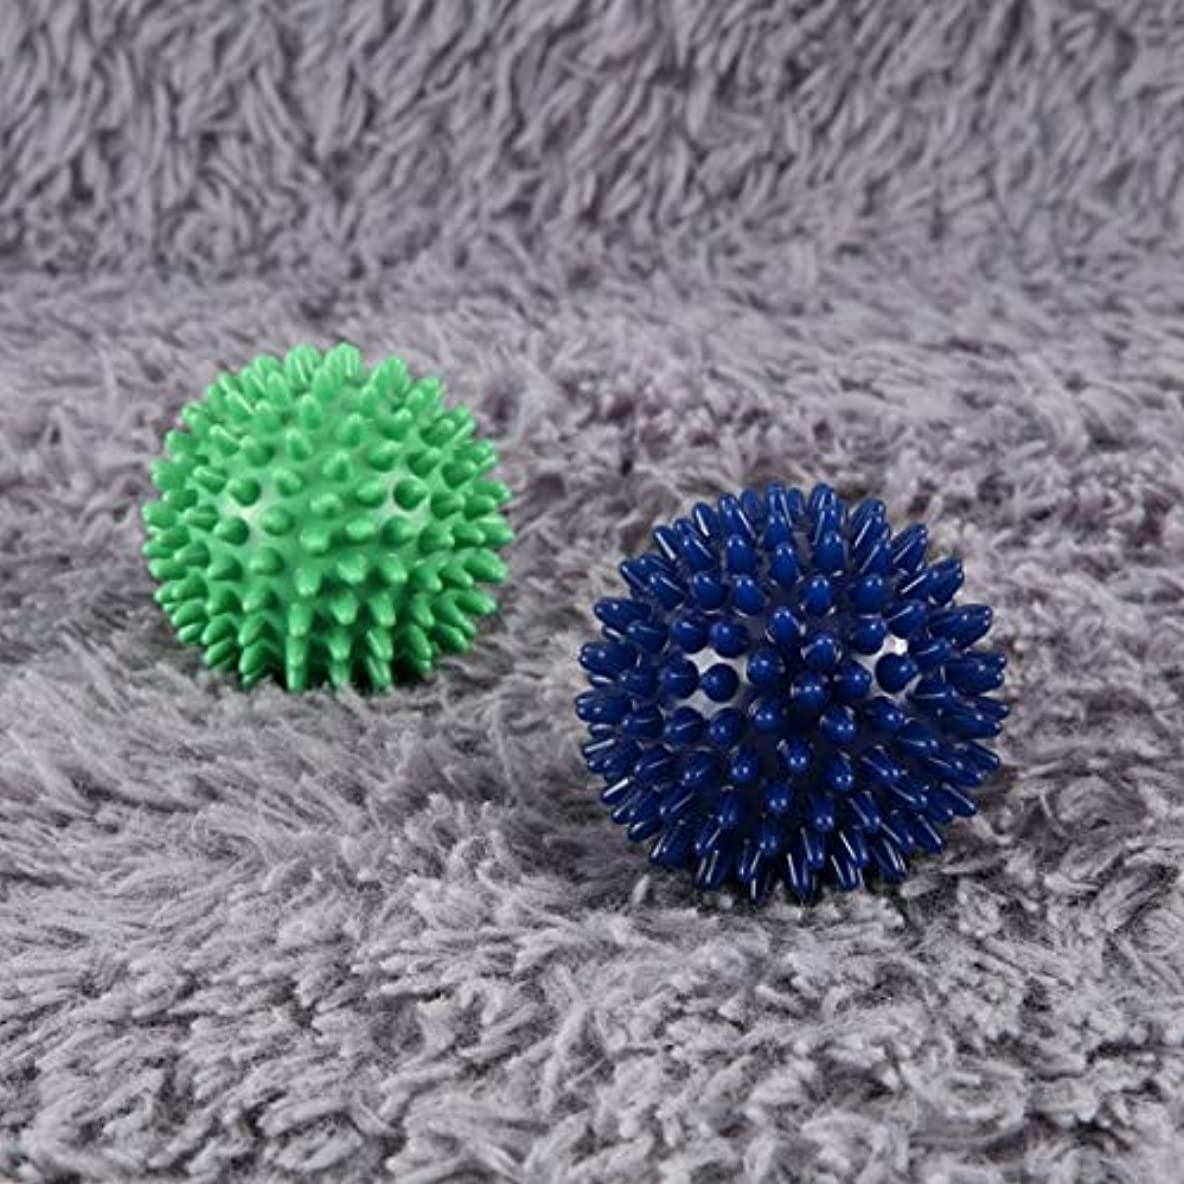 ほこりシンジケート年金PVC高密度とがったマッサージボール足の痛み&足底筋膜炎緩和剤治療ハリネズミボールマッサージ指圧ボール